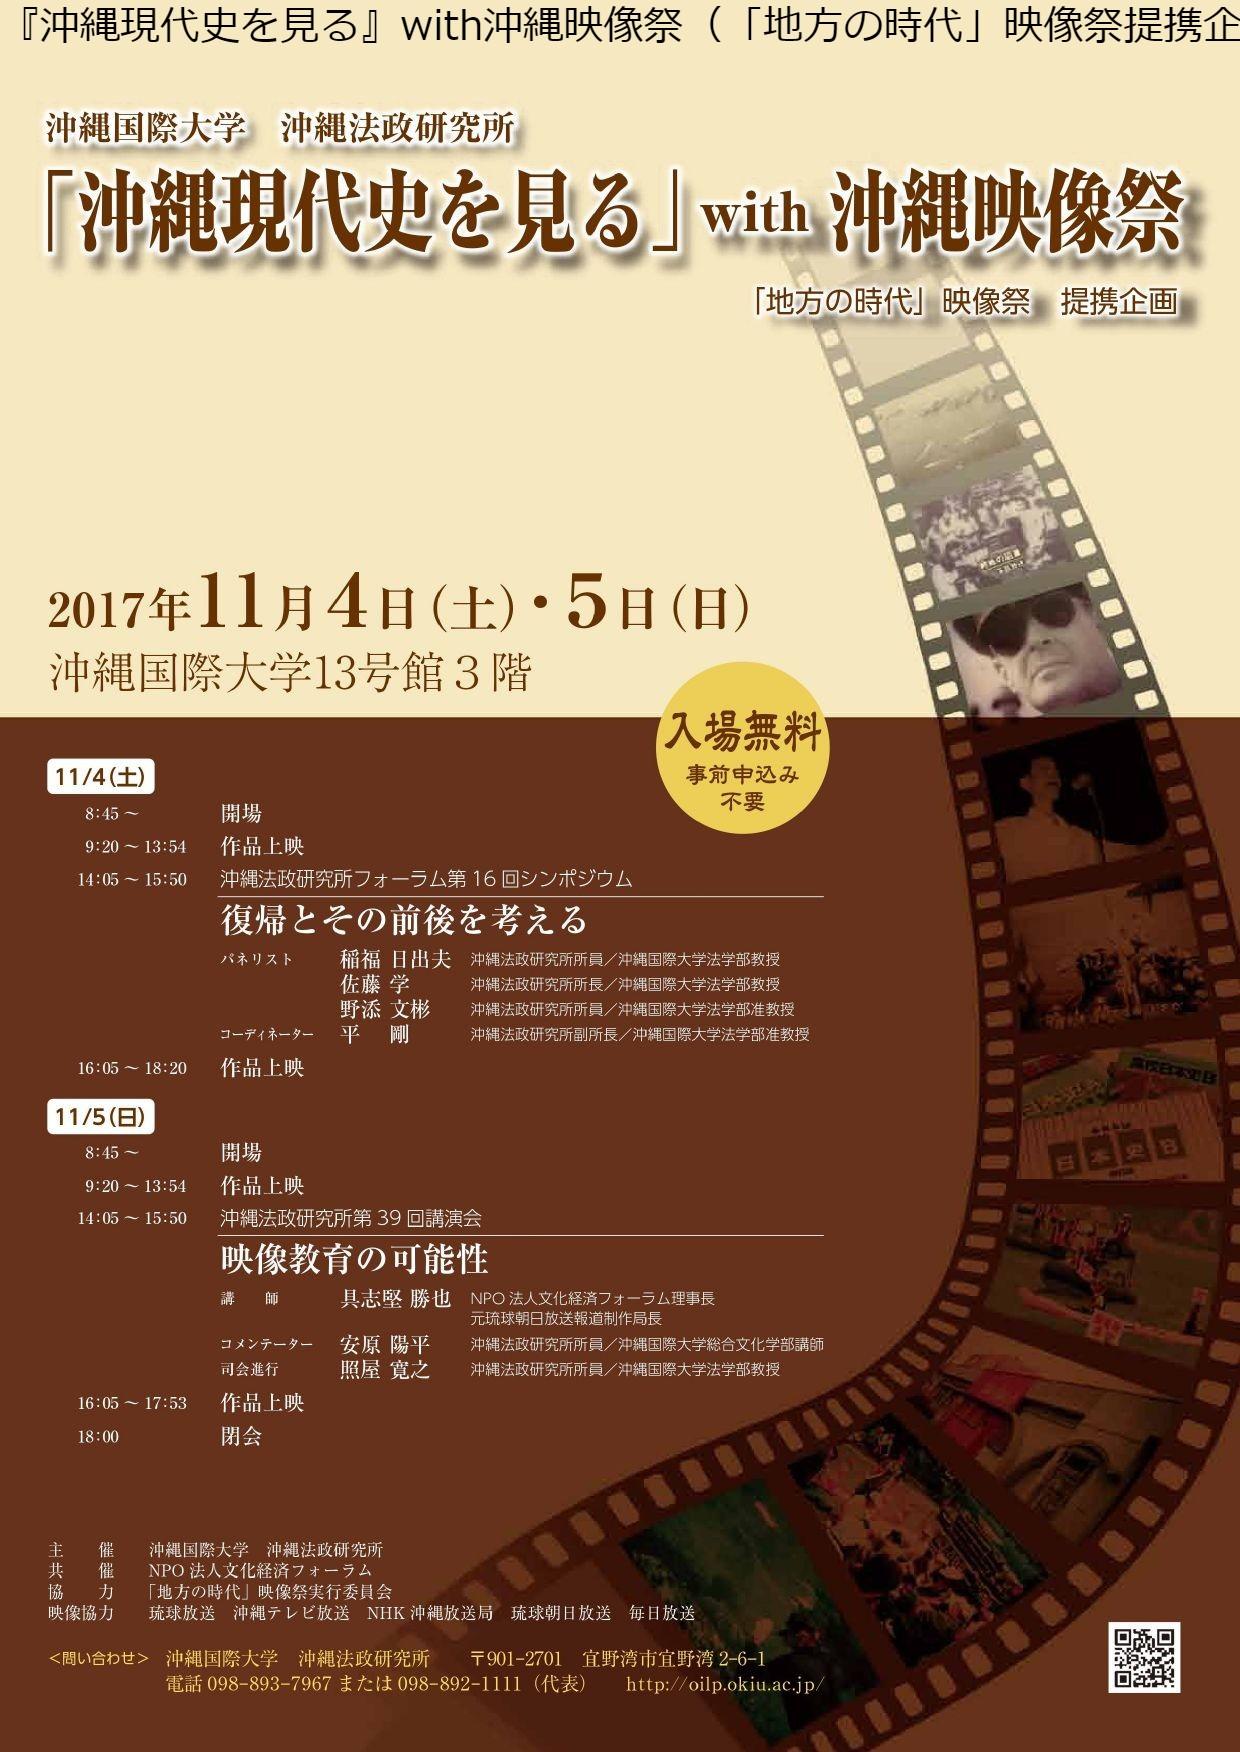 『沖縄現代史を見る』with沖縄映像祭